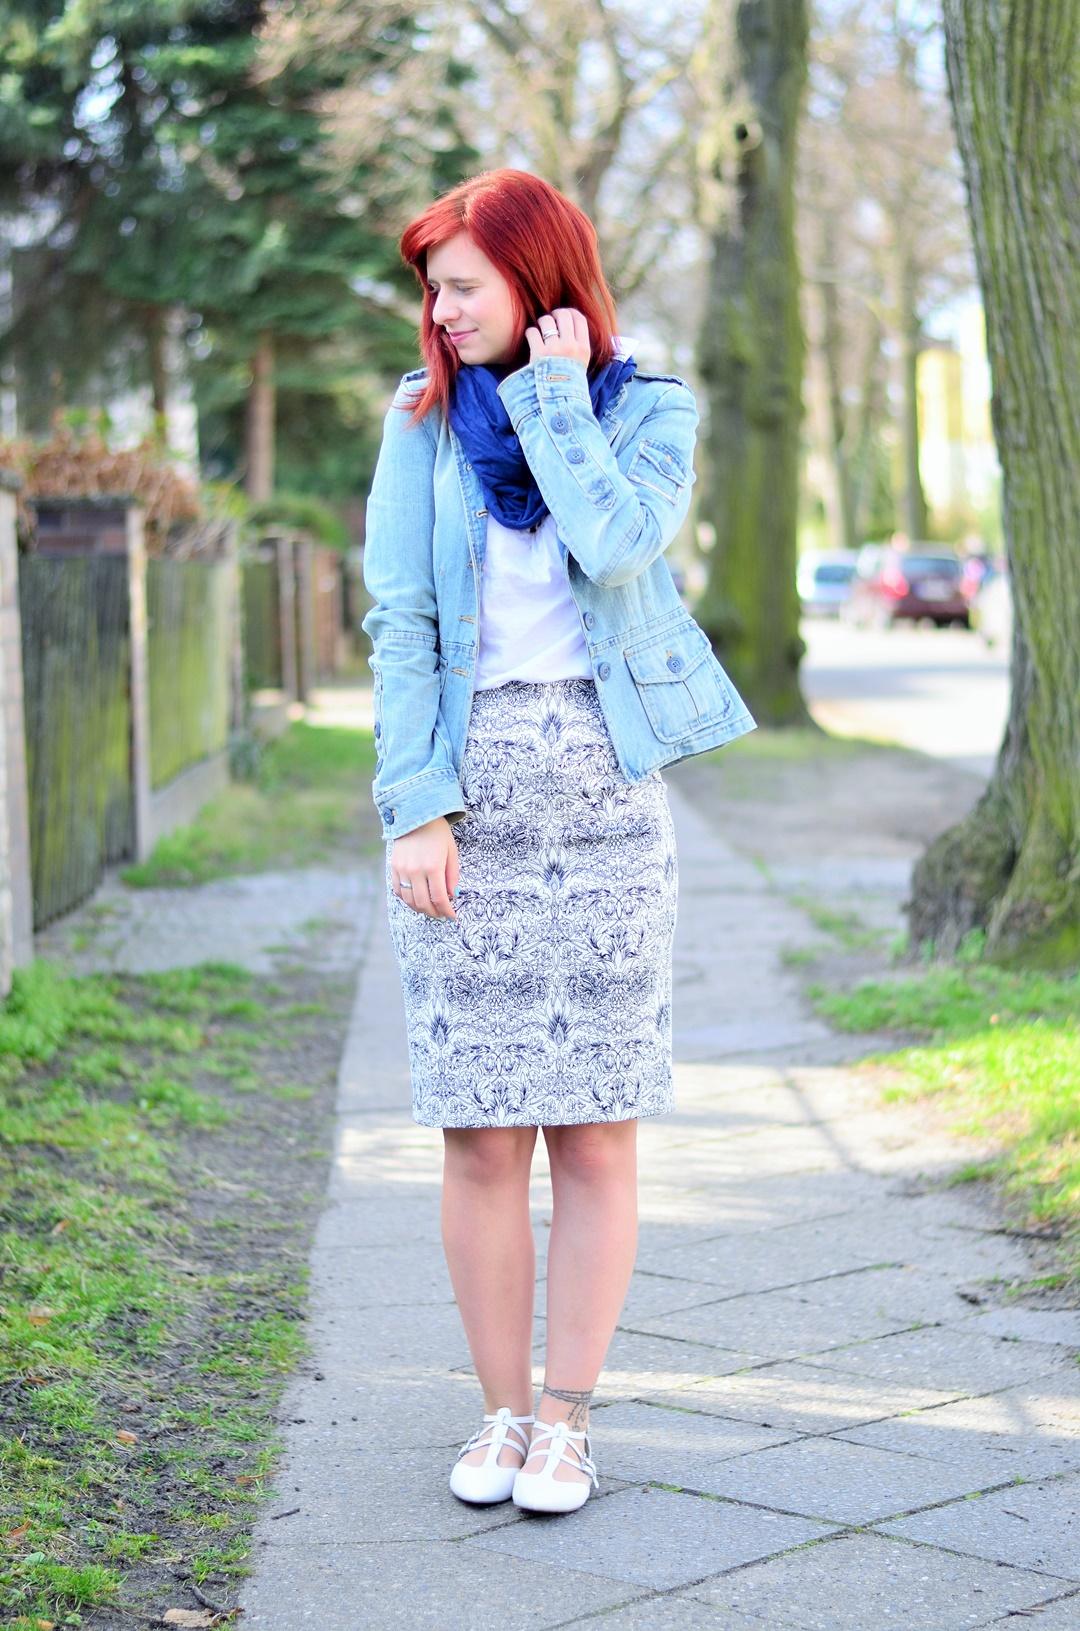 blauer Bleistiftrock_Outfit mit Bleistiftrock_blau weißes Outfit_schickes Outfit mit Rock_Bleistiftrock kombinieren_rothaarige Bloggerin_Annanikabu_1 (1)